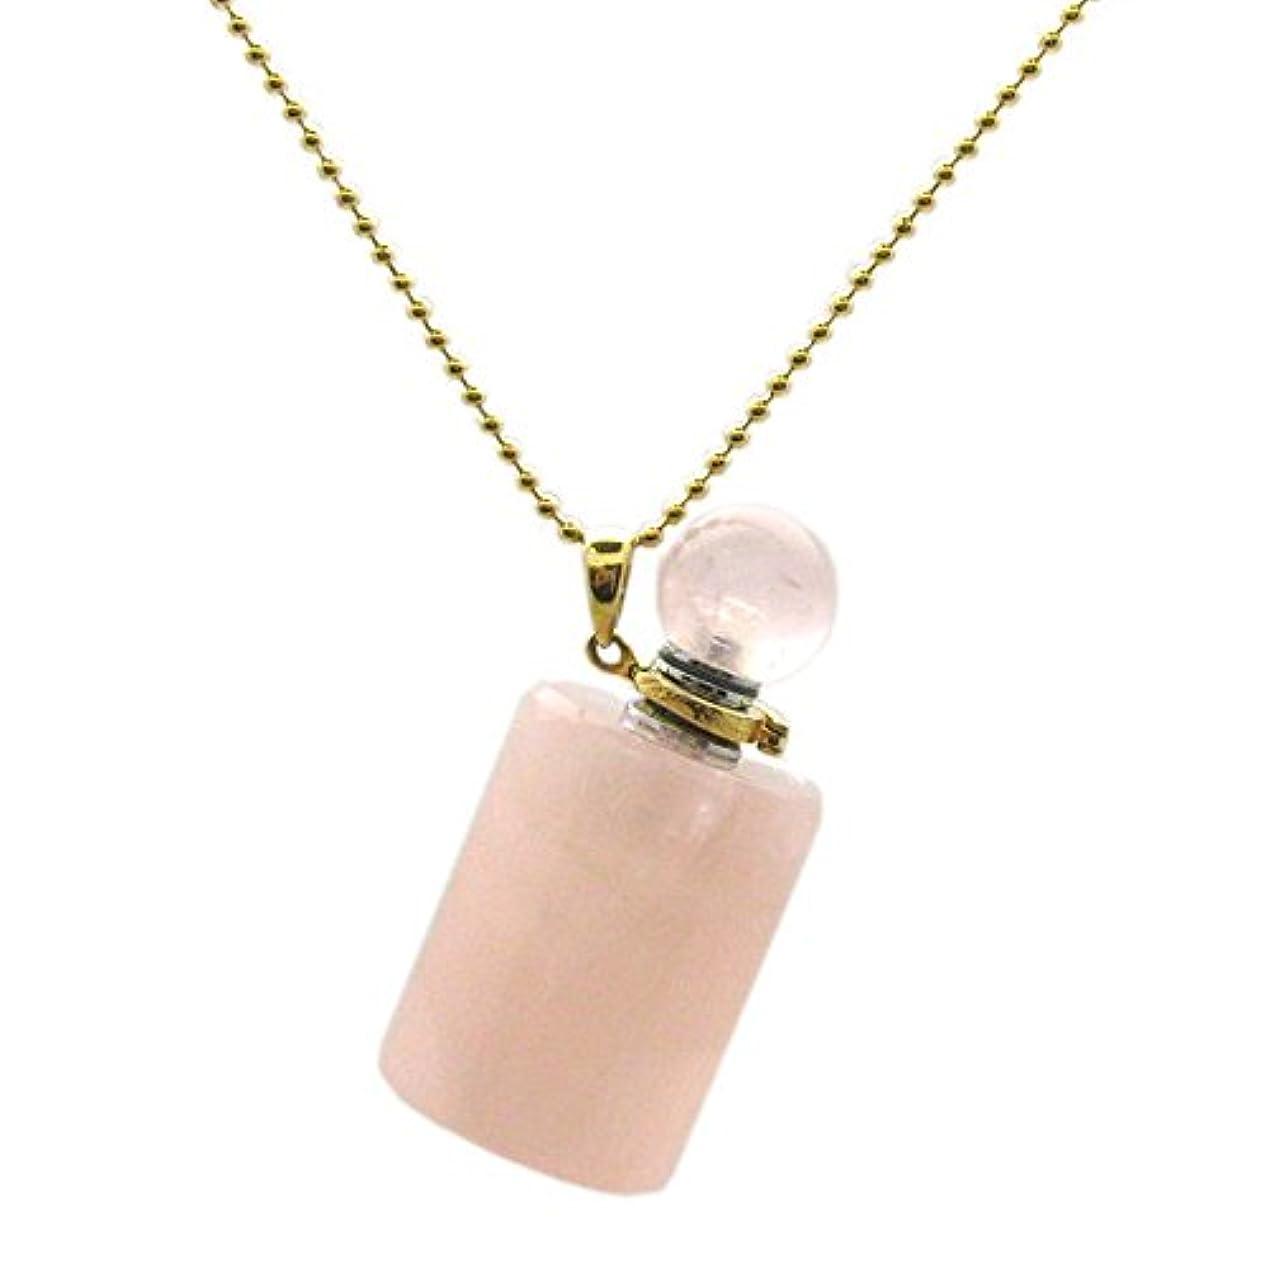 スペース福祉インターネットケイトAvenue Gold over Sterling Silver Gemstone Aromatherapy Essential Oil Diffuserネックレス、香水とMosquito Repellentネックレス...